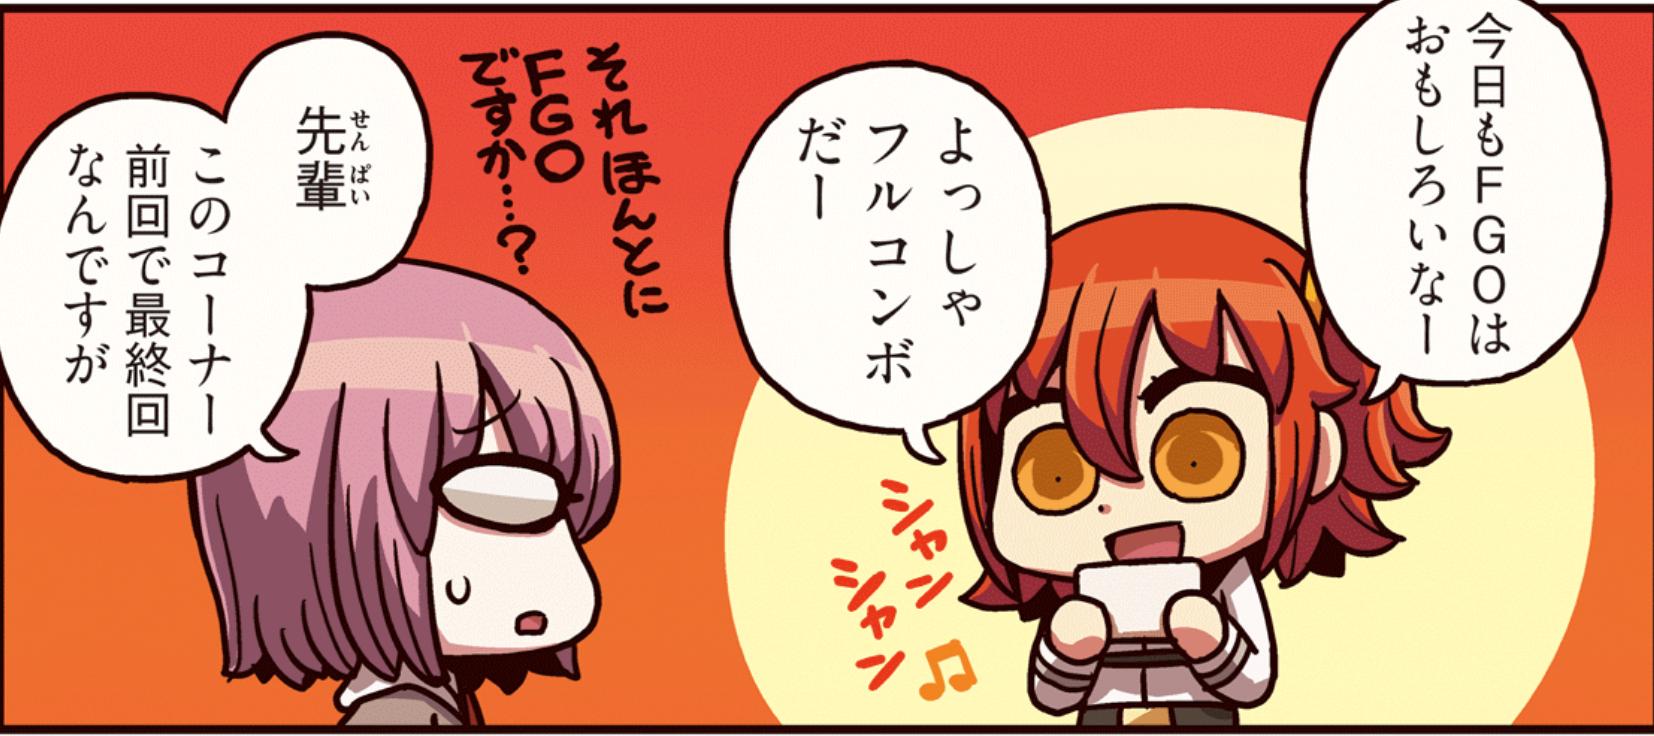 【FGO】話題先行でfateがウケたのは分かる、でもなぜFGOがウケたのか理由を教えてくれ!